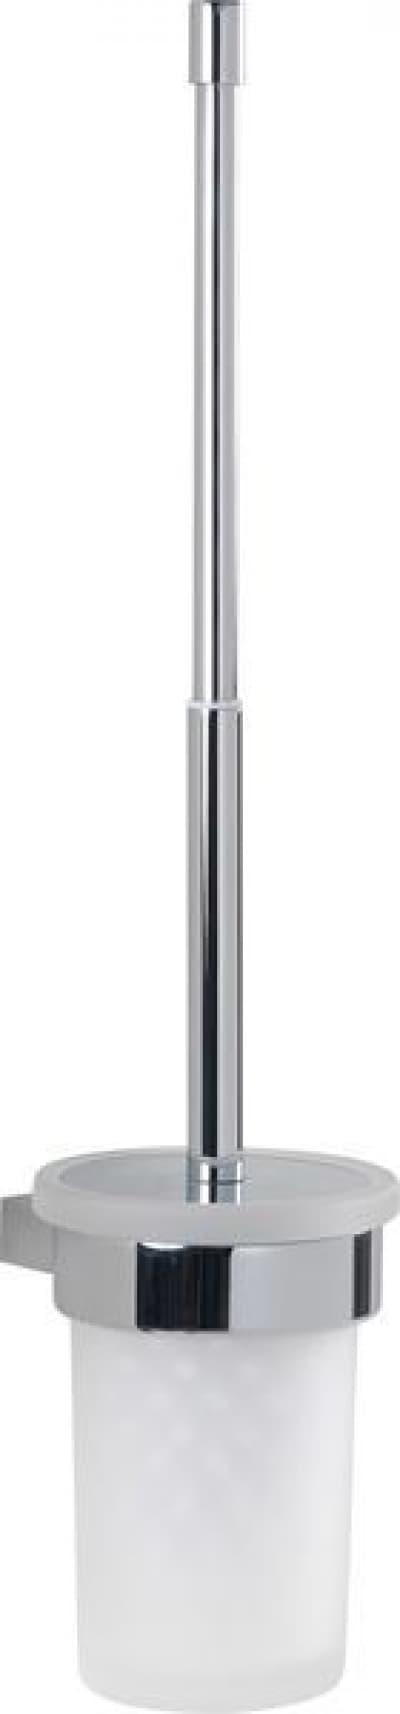 Gedy G-Canarie, настенный стеклянный ёршик для унитаза с телескопической ручкой, цвет хром A233/03(13)